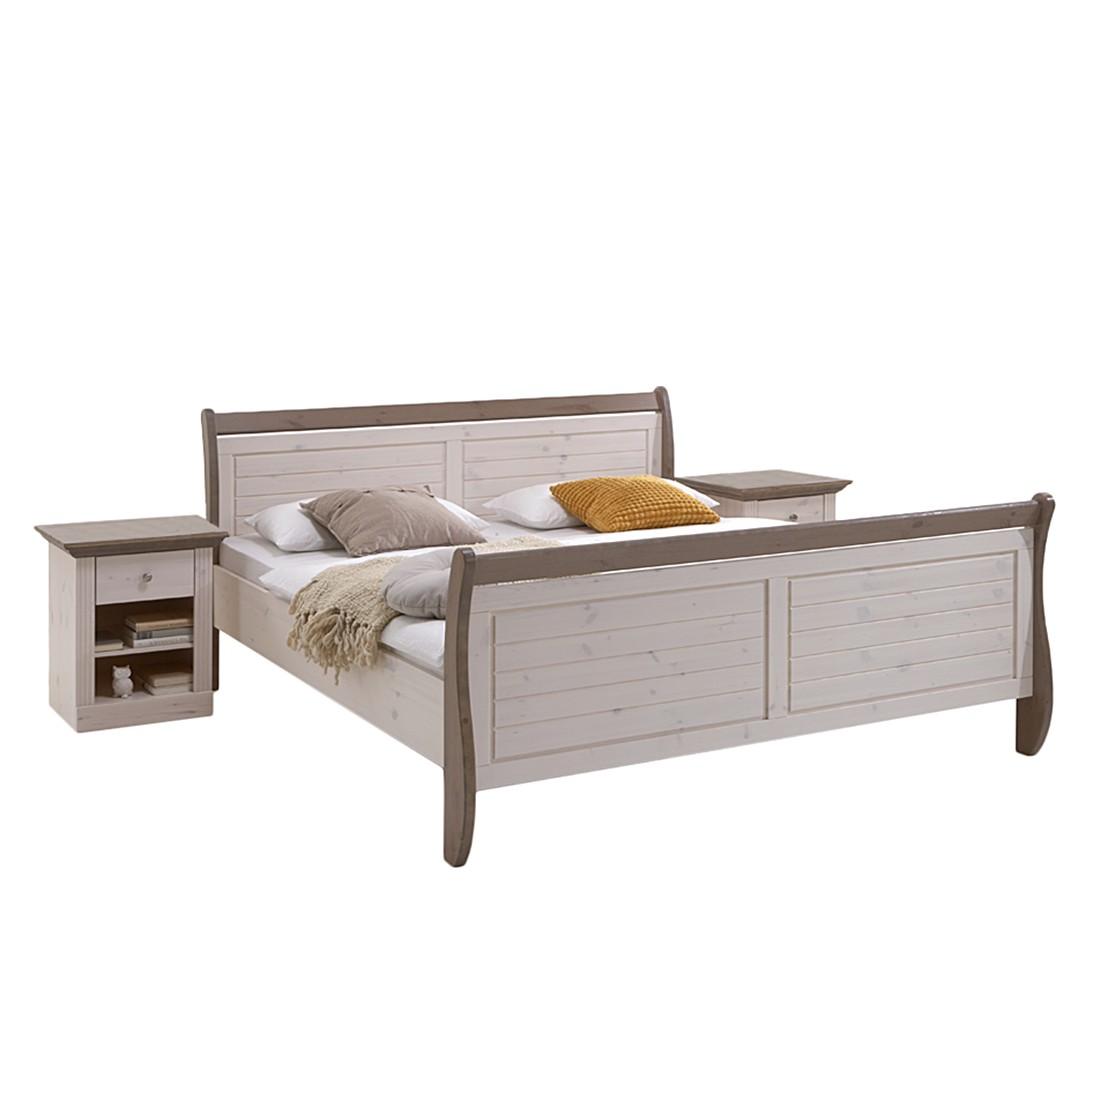 schlafzimmer set schnelle lieferung seiden bettw sche schlafzimmer stefan schimmel im. Black Bedroom Furniture Sets. Home Design Ideas